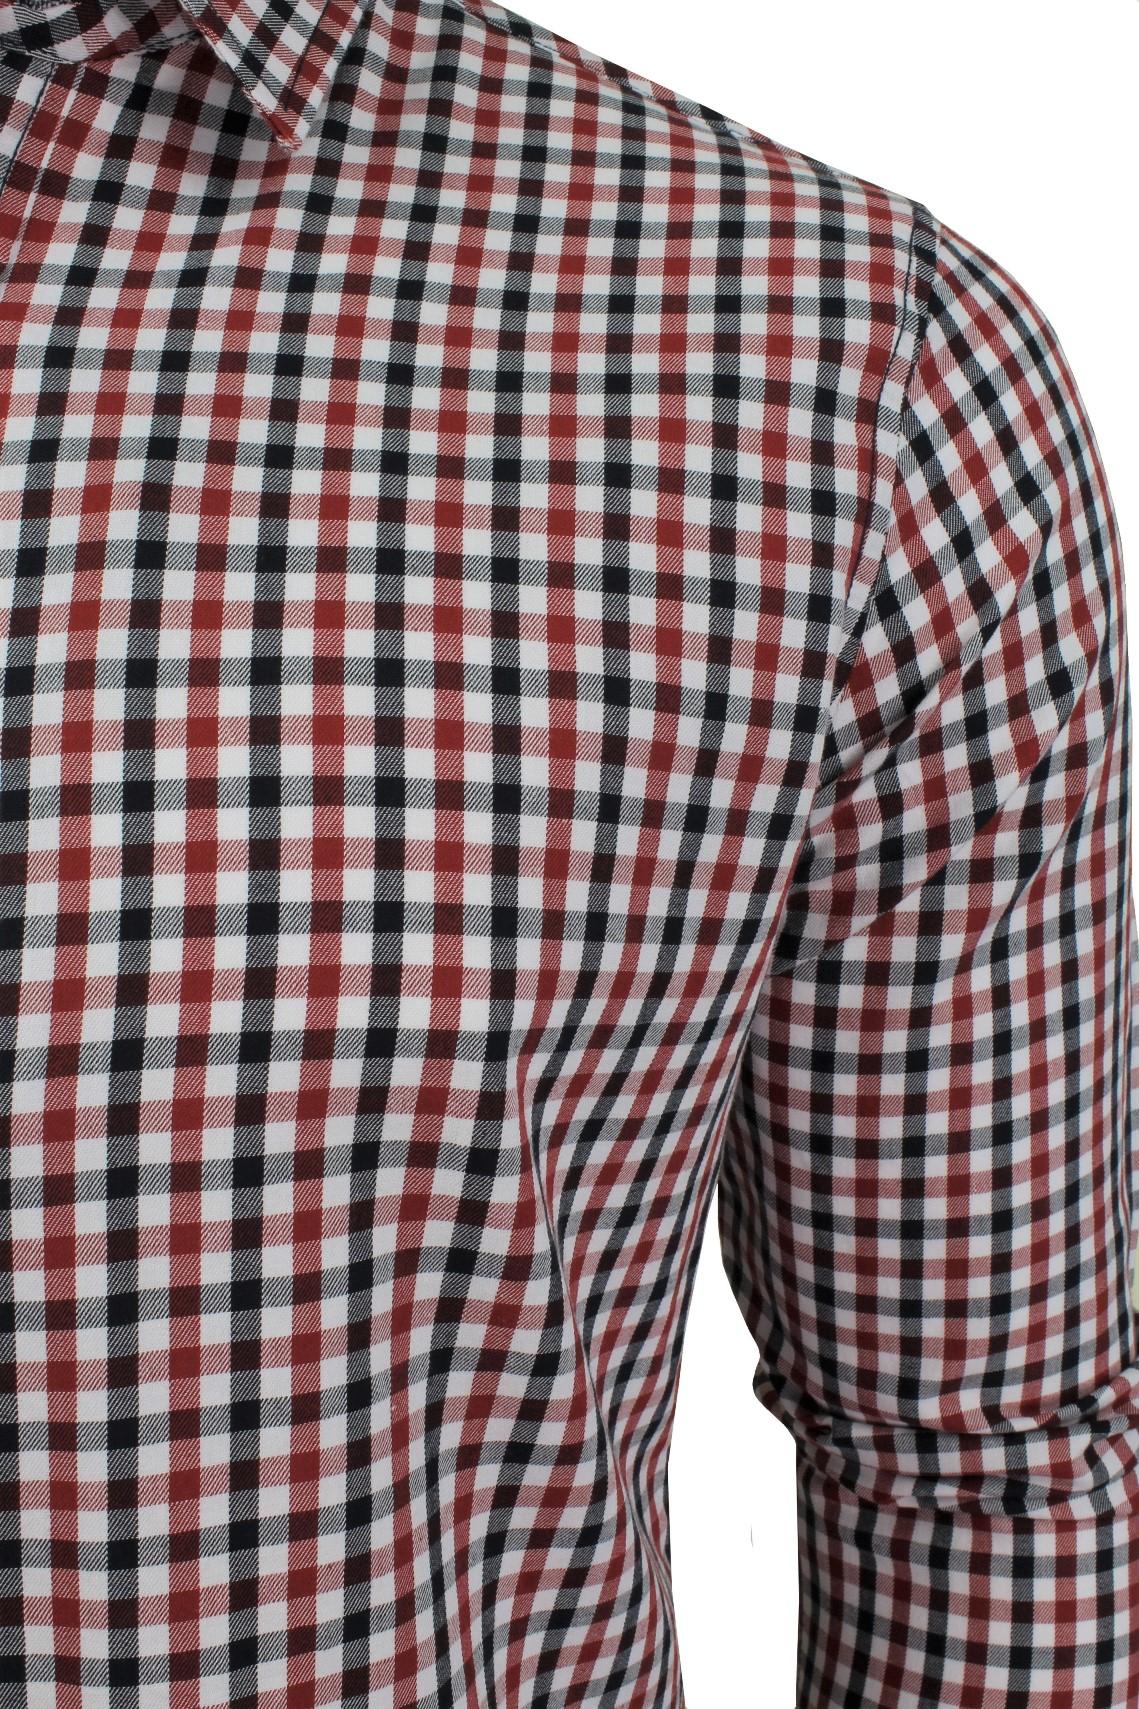 Mens-Gingham-Check-Shirt-by-Crosshatch-039-Larix-039 thumbnail 7